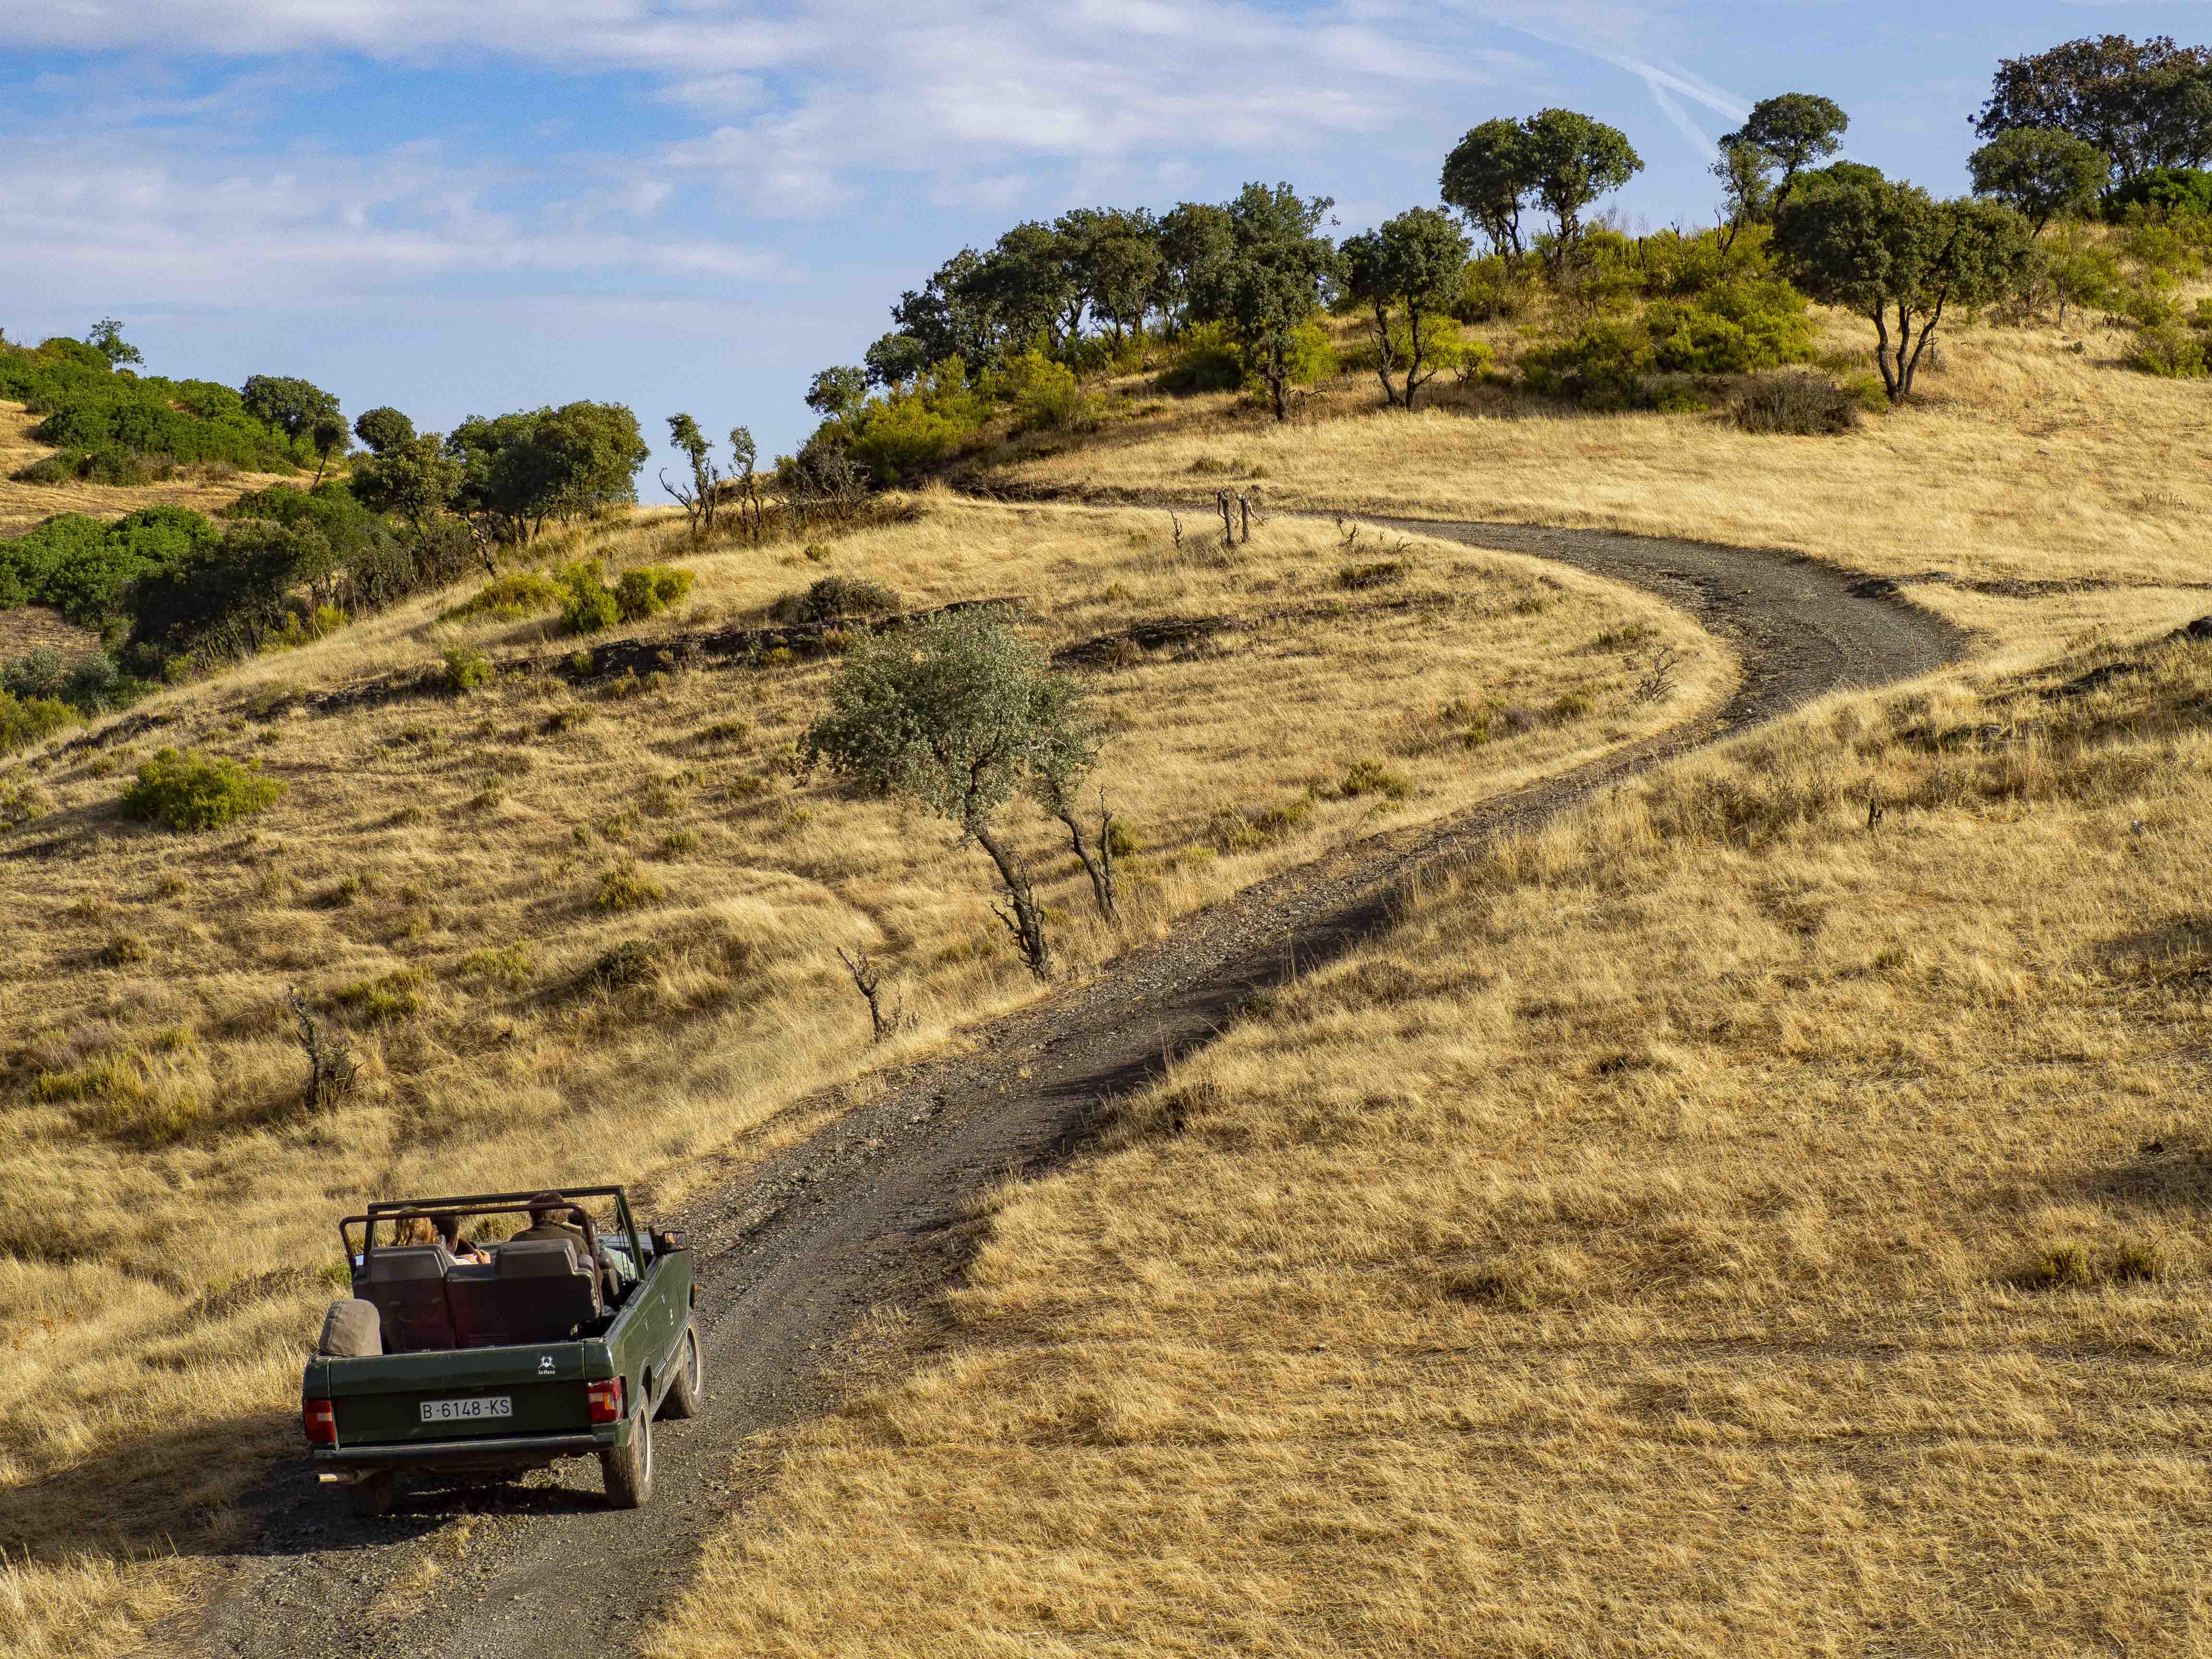 Caminos escarpados pero los todoterrenos y la maestría de sus conductores, hacen que sea un paseo muy agradable